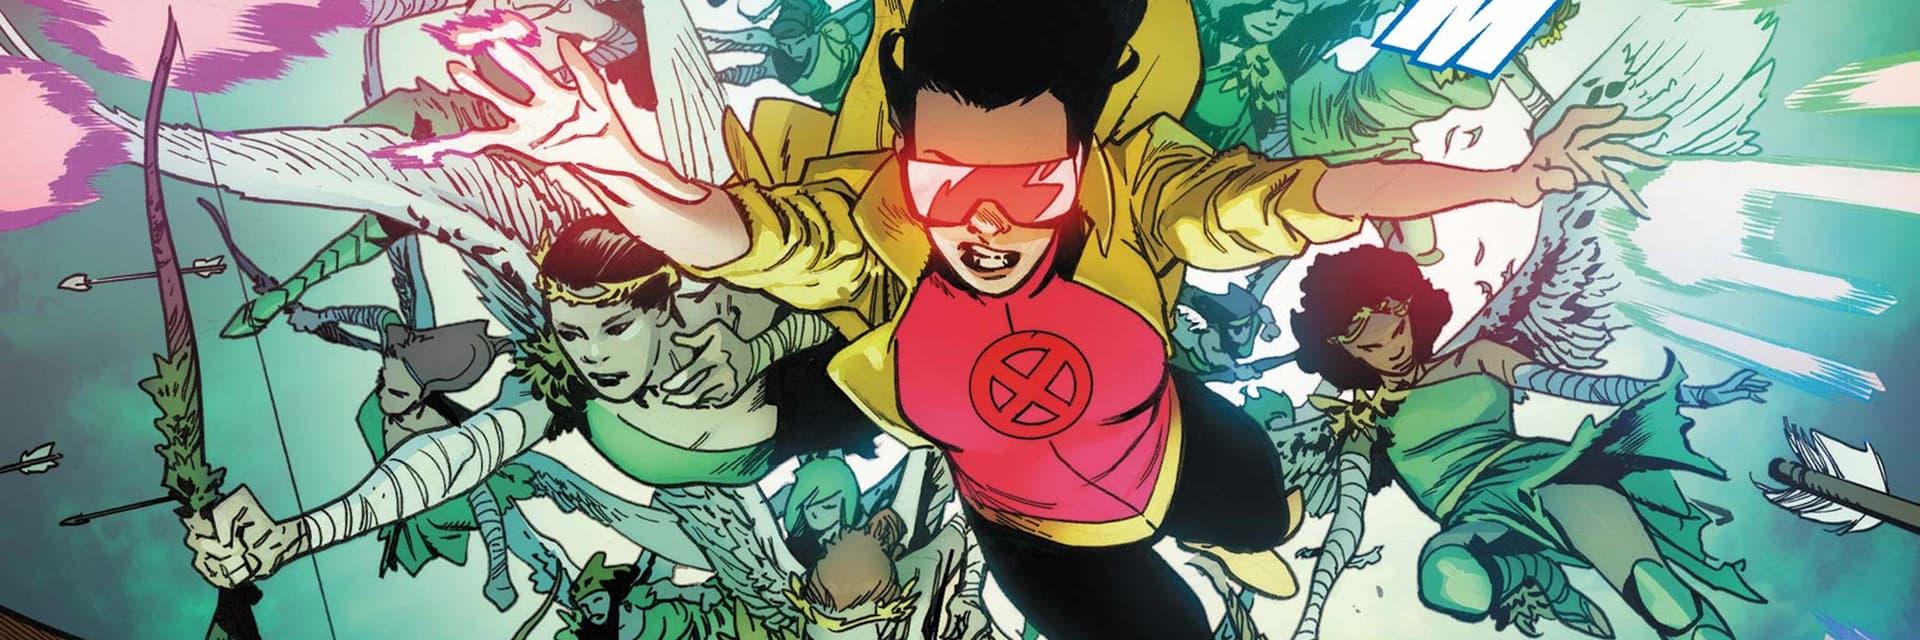 Jubileu (Jubilee). Imagem: Marvel Comics/Divulgação